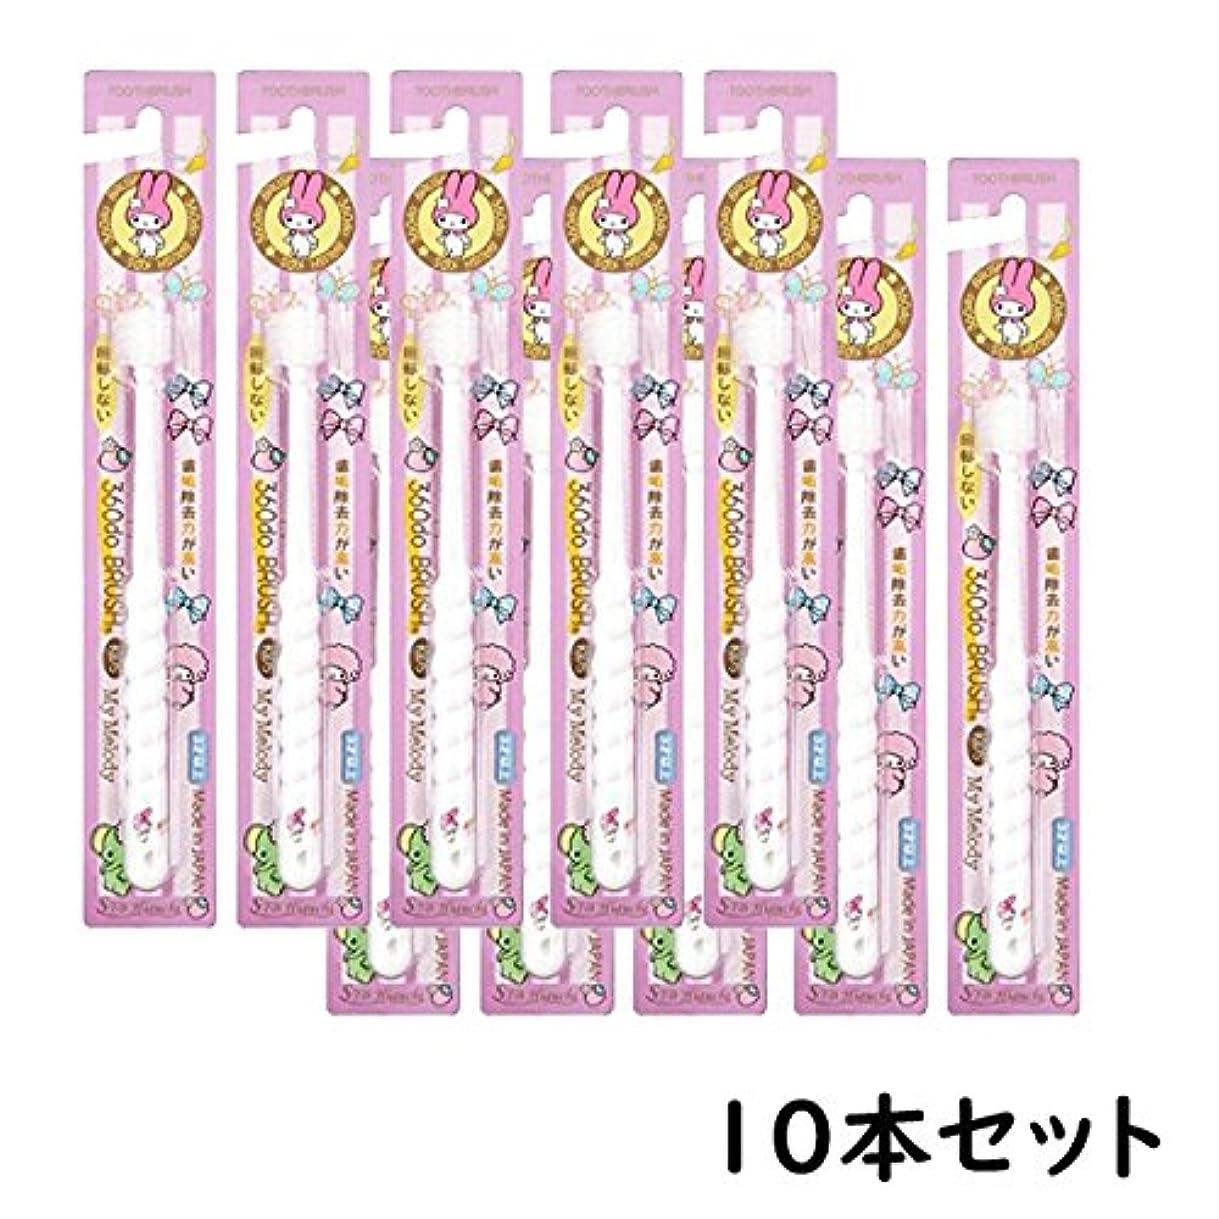 失われた教室瞑想的360度歯ブラシ 360do BRUSH たんぽぽの種キッズ マイメロディ (10本)